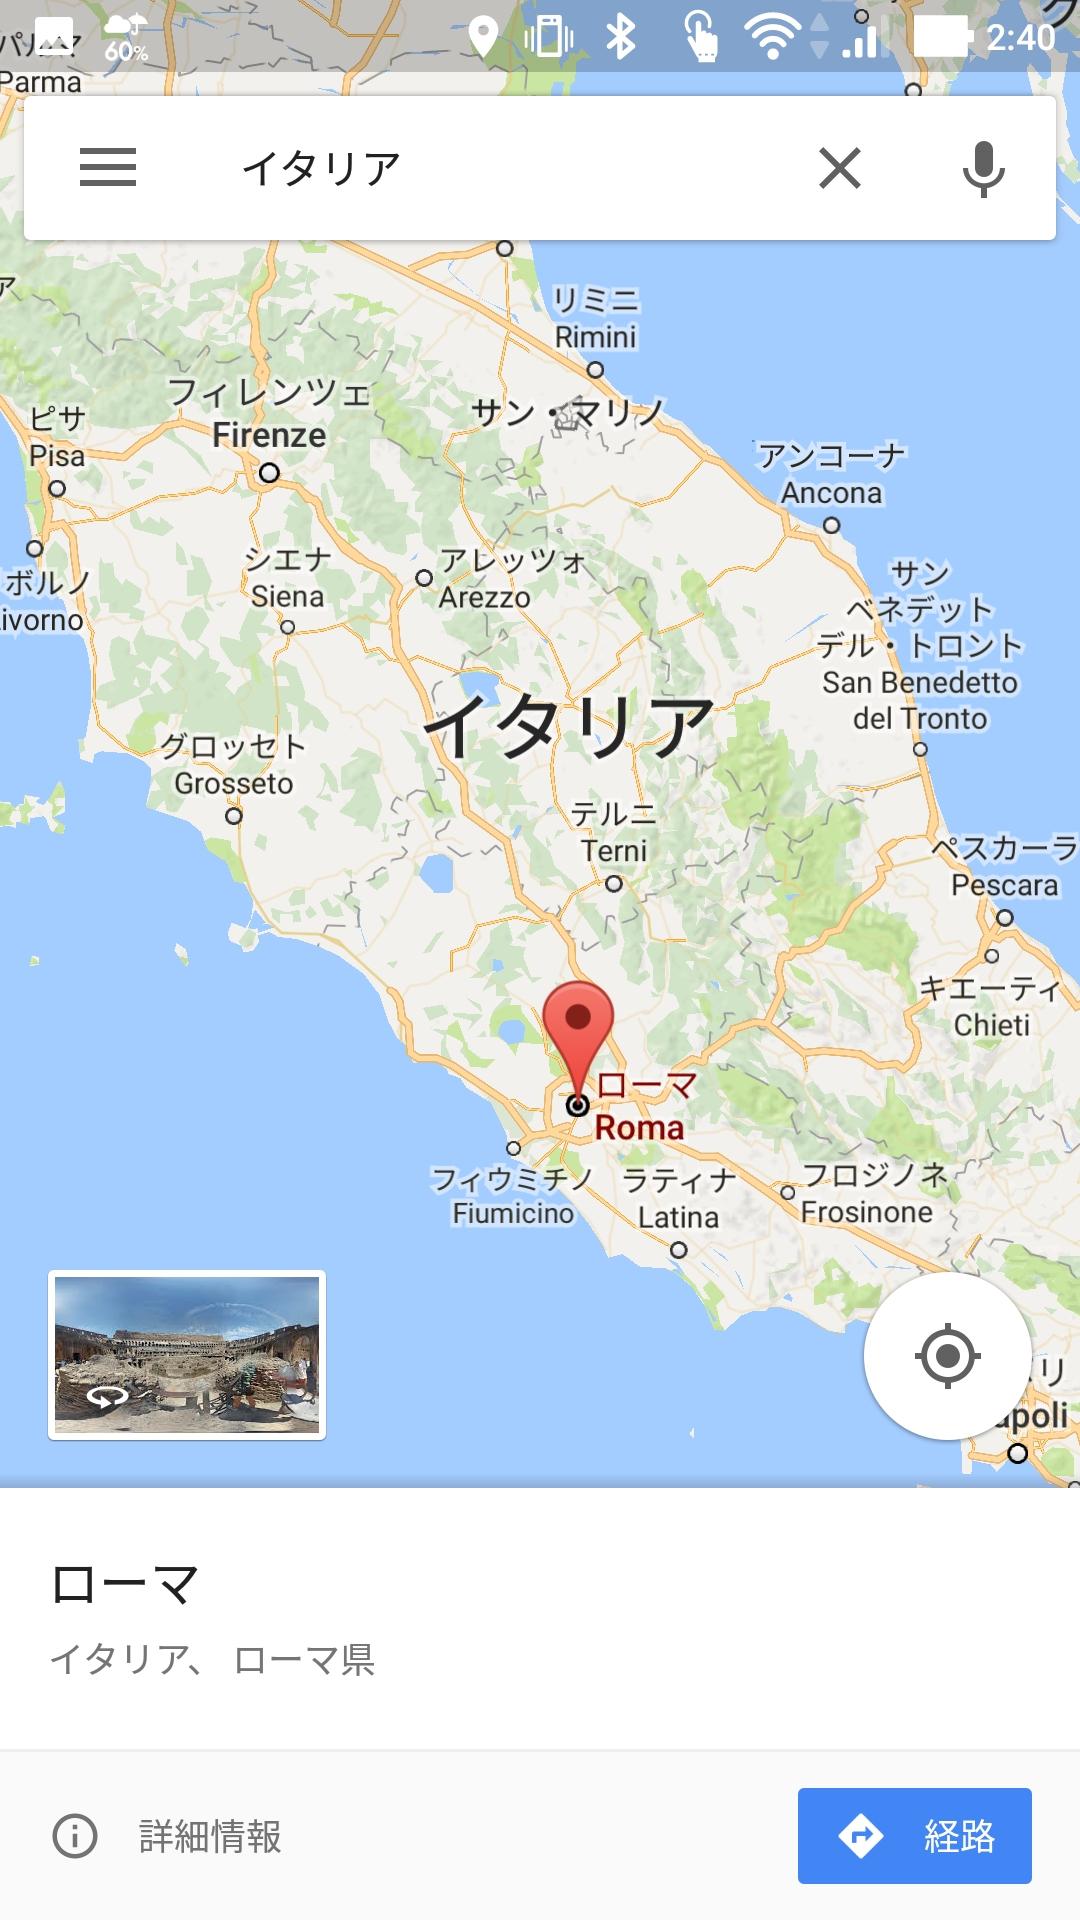 Googleマップでイタリアのローマに行った気分はいかがでしょうか